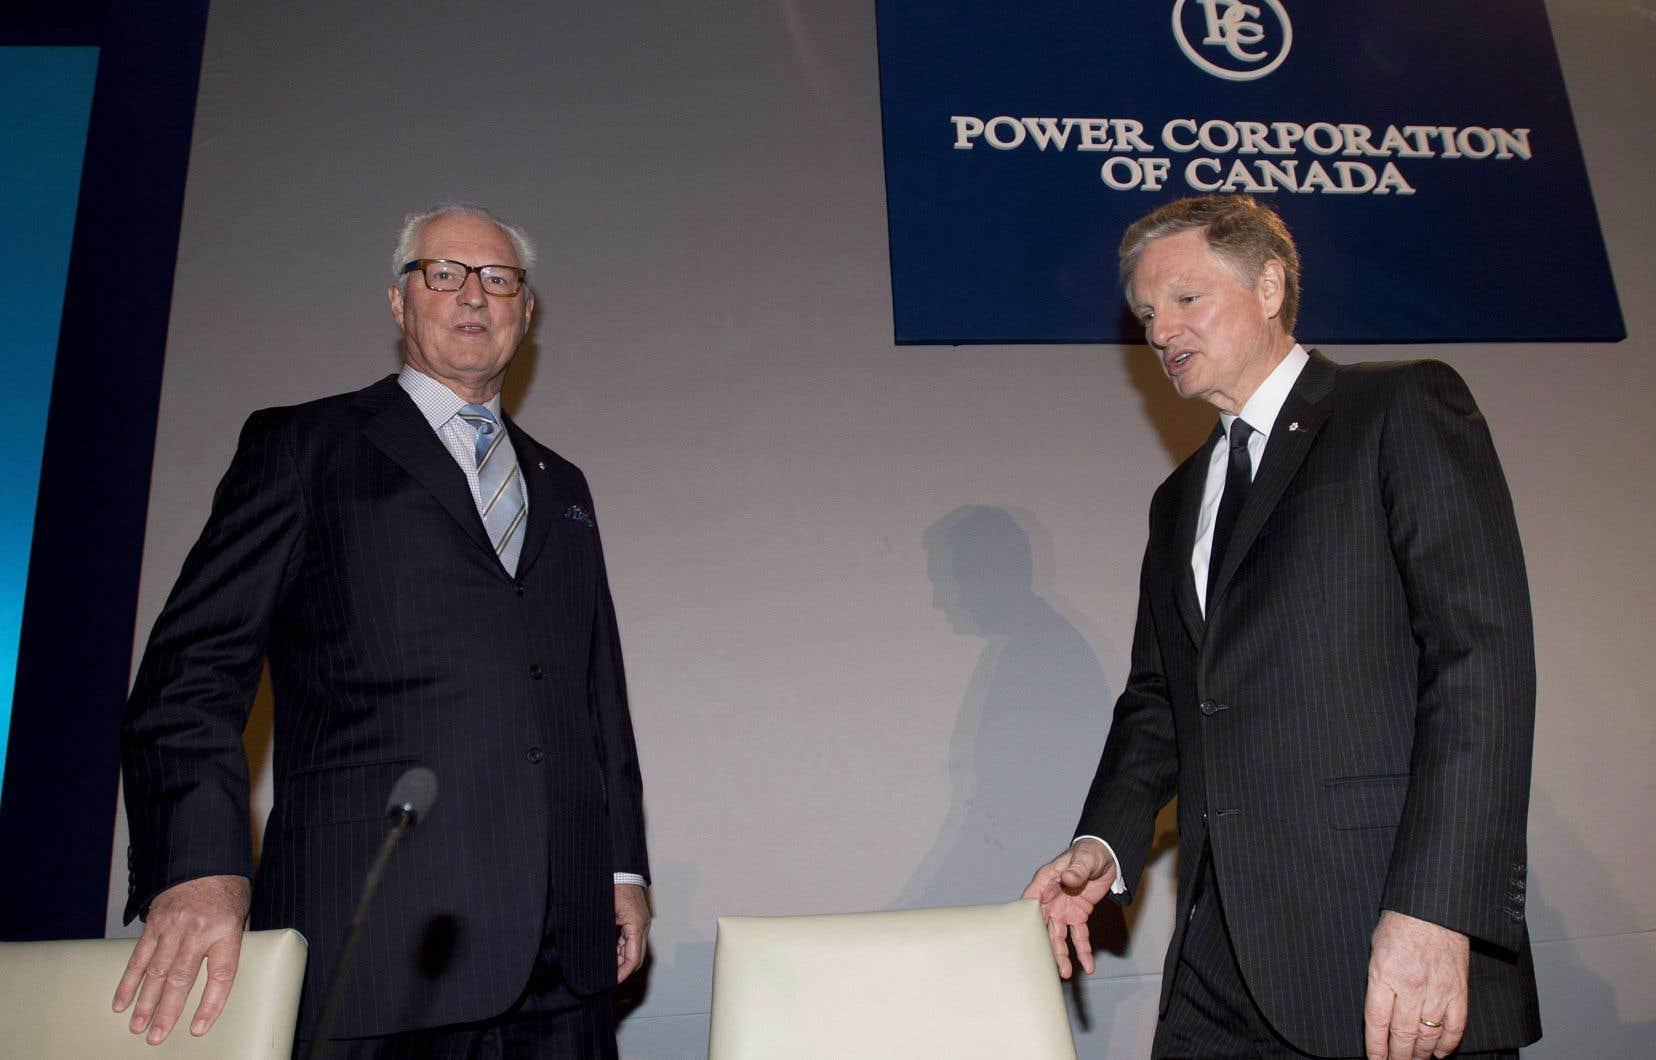 Le président du conseil et co-chef de la direction de Power Corporation,Paul Desmarais Jr (à droite), et André Desmarais, président délégué du conseil, président et co-chef de la direction